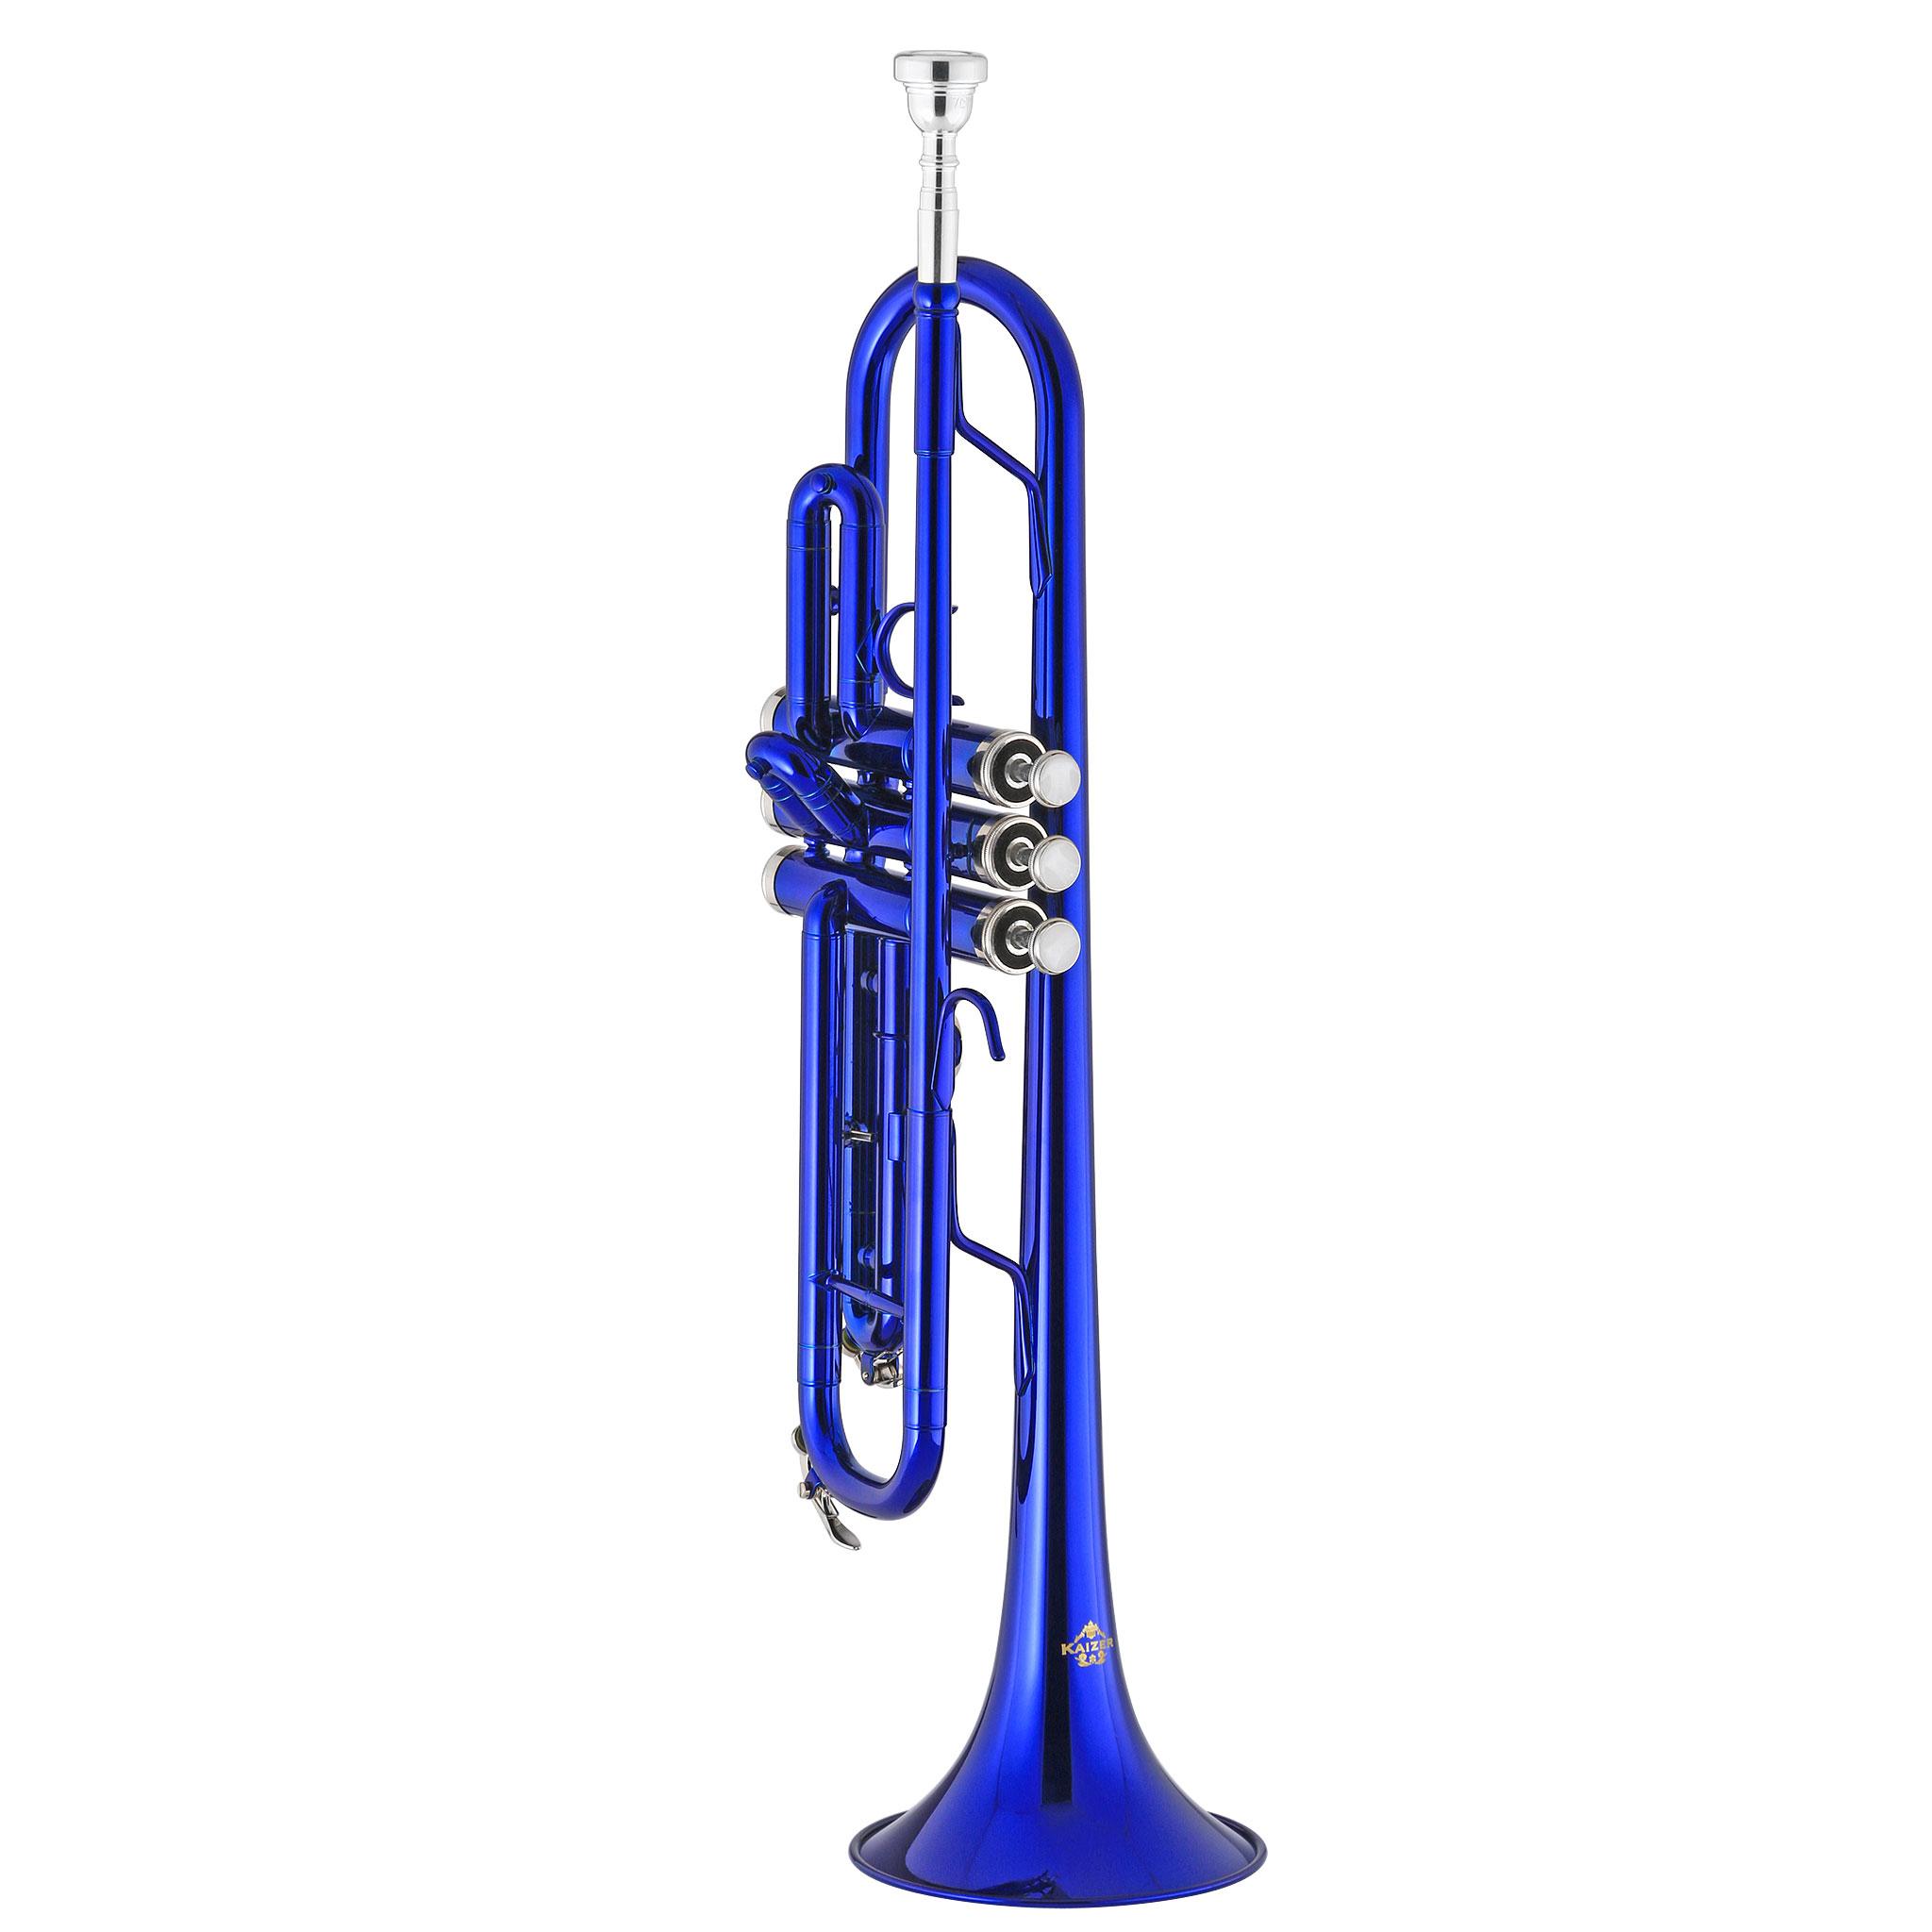 Kaizer Trumpet Bb B Flat Blue TRP-1000BL - Walmart com